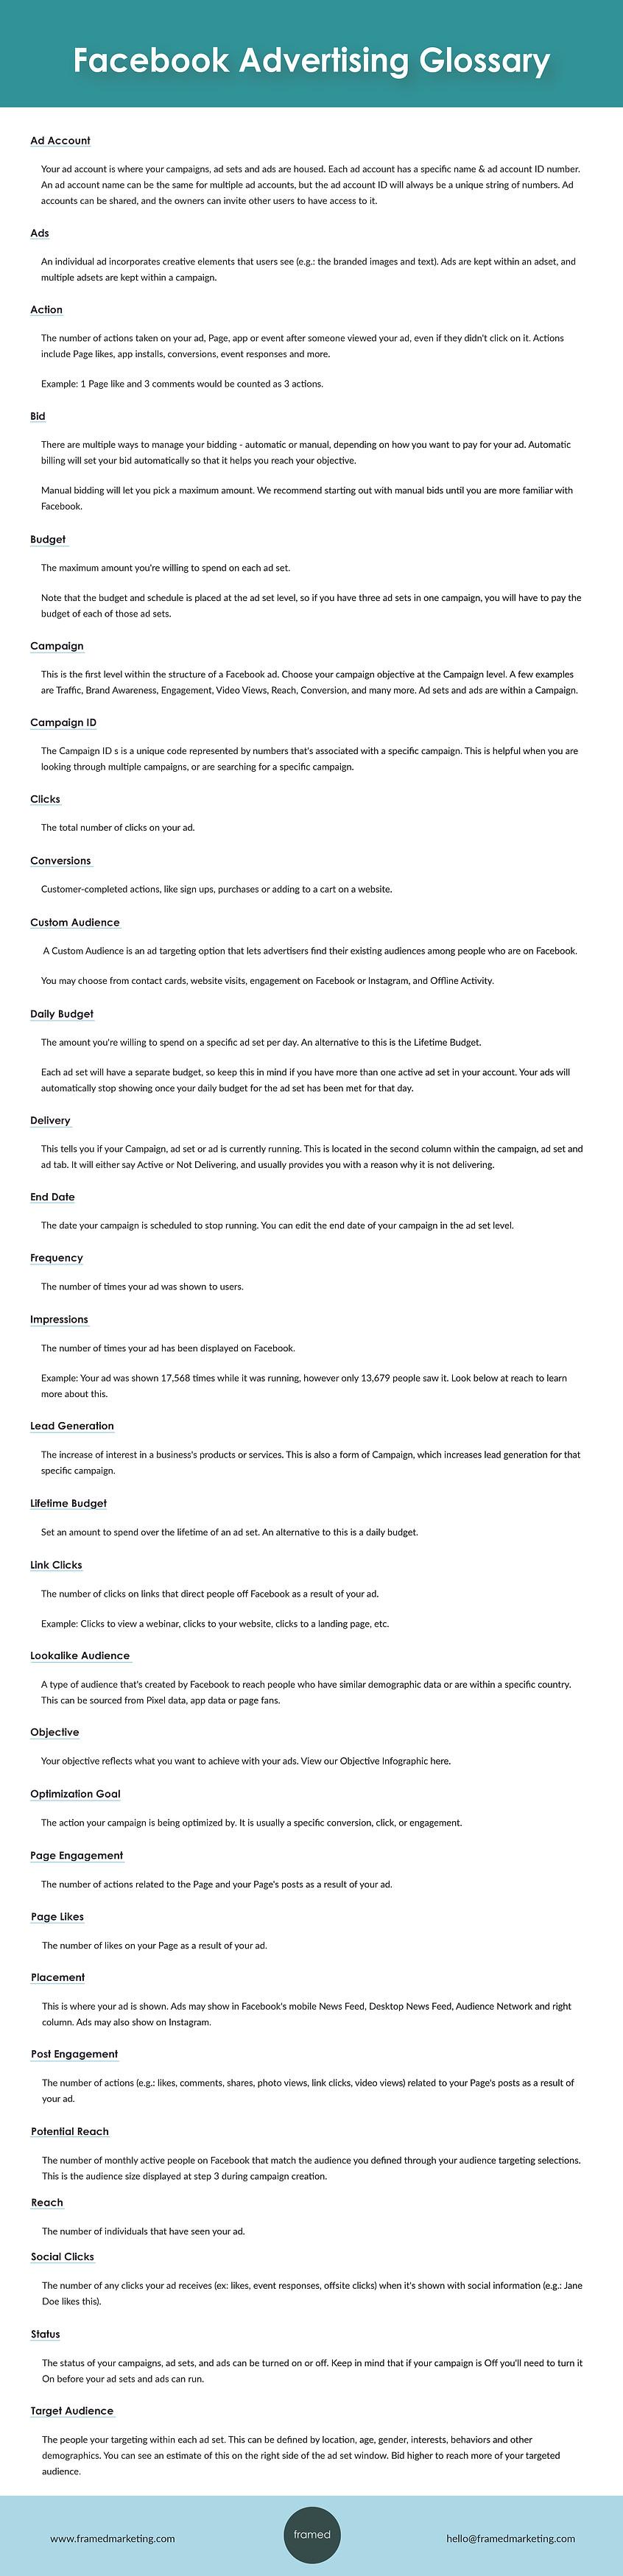 FB Ad Glossary.jpg